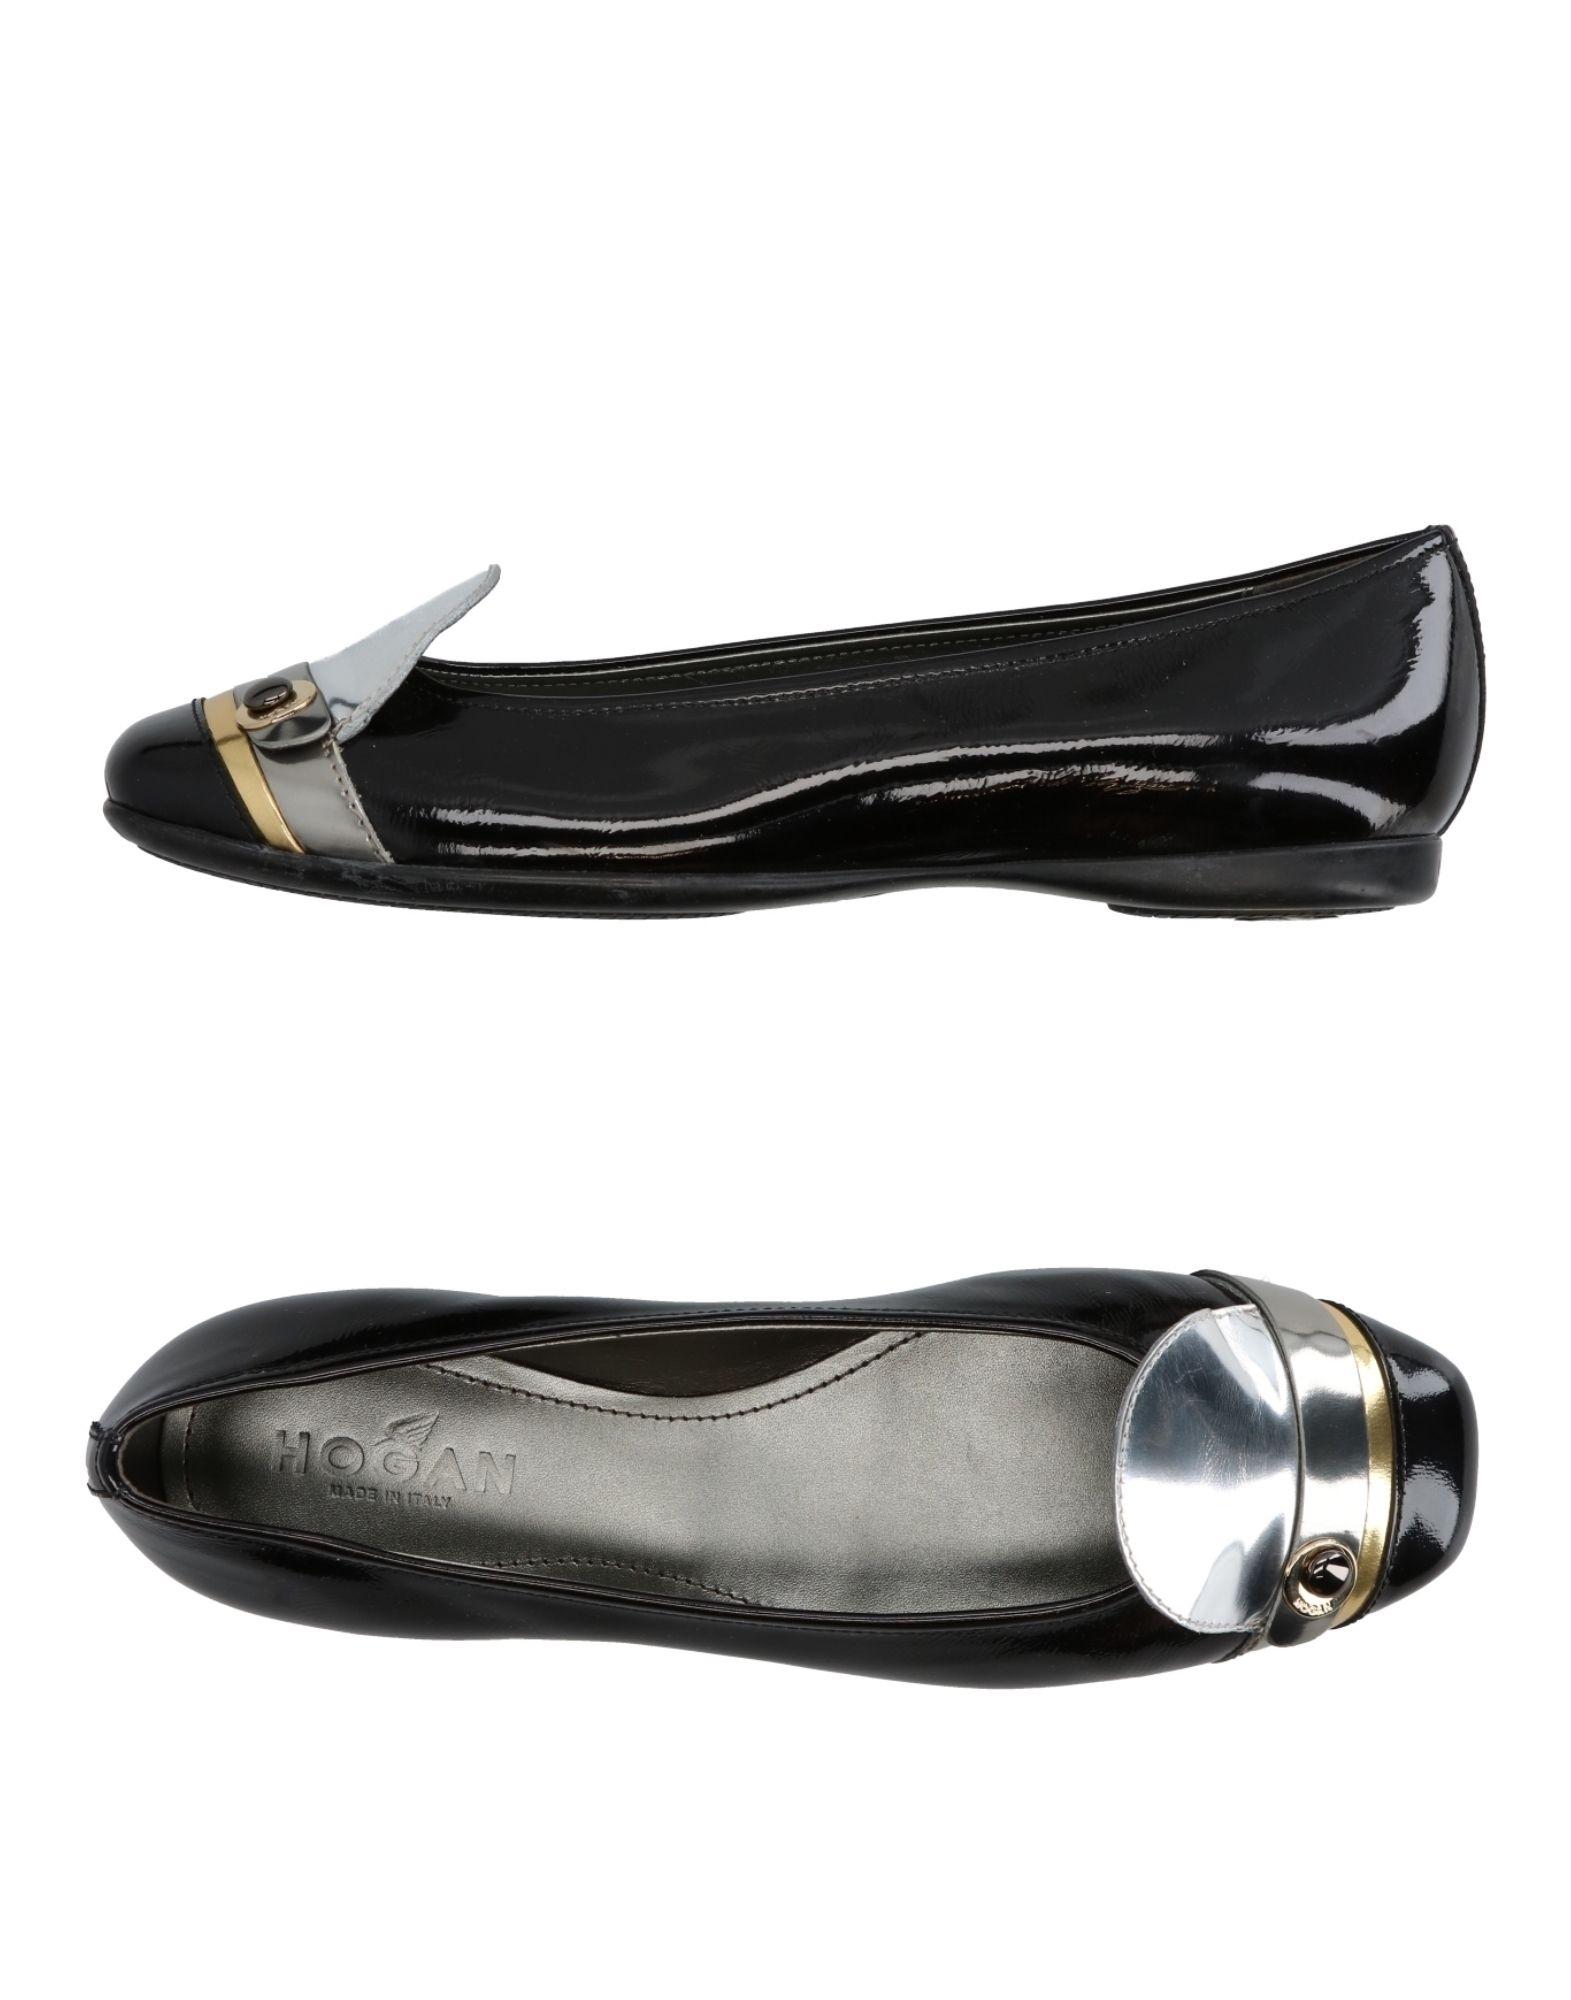 Hogan Loafers - Women Hogan Loafers online - on  United Kingdom - online 11299837KL 469313